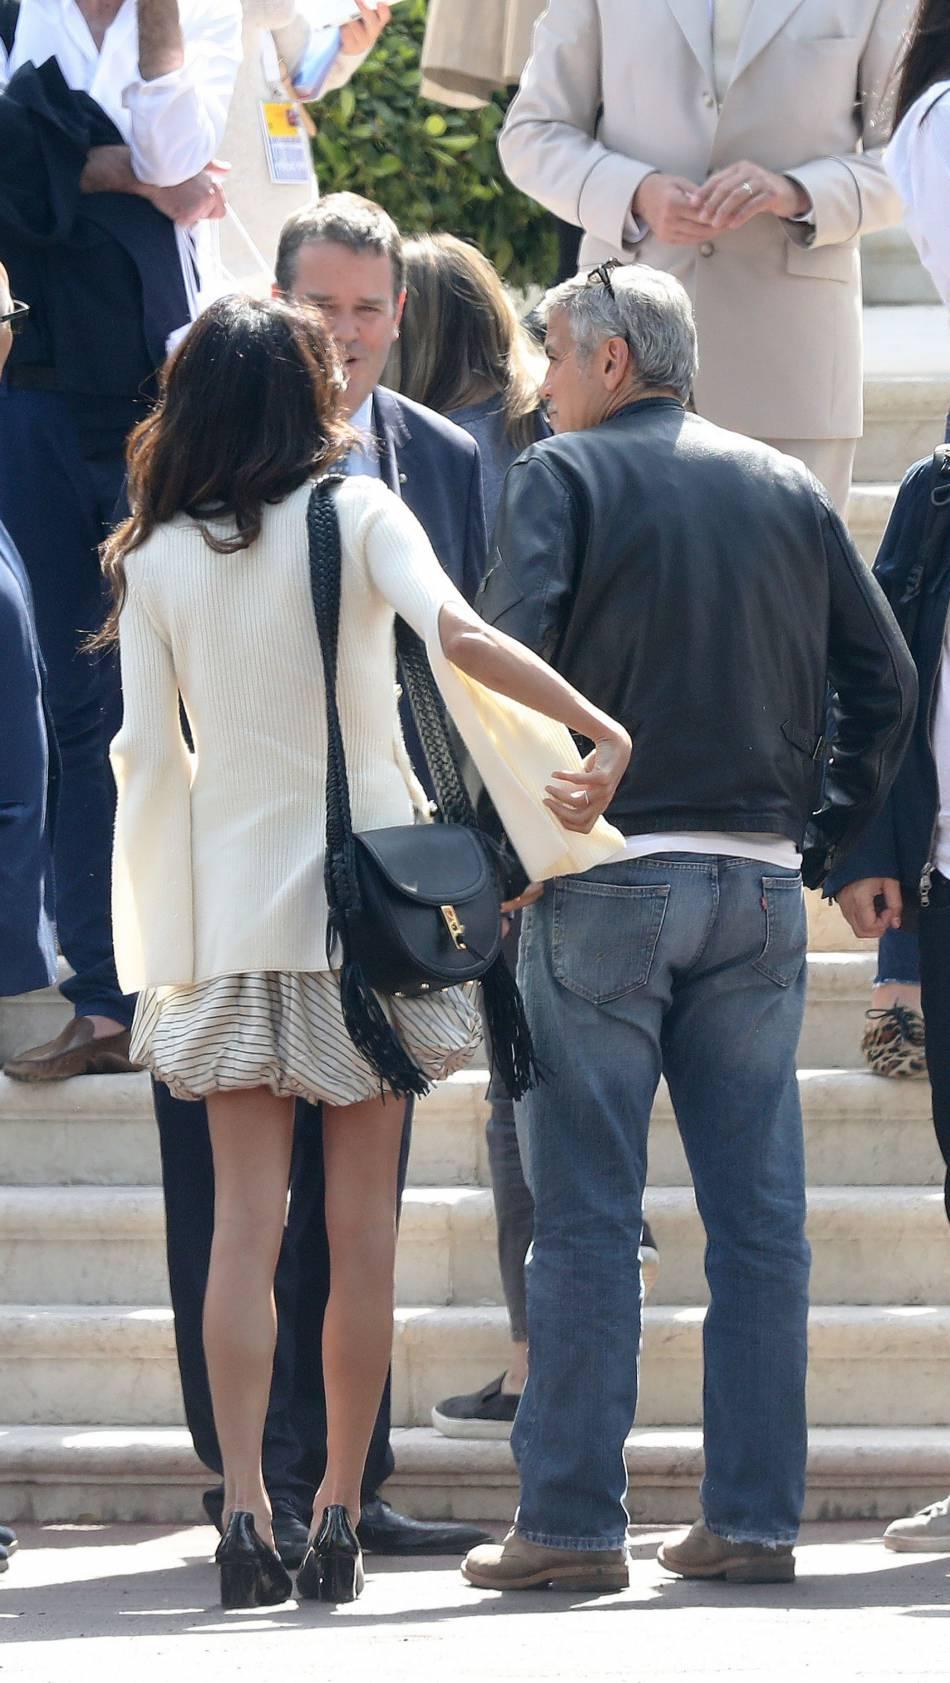 Le couple Clooney/Alamuddin arrivent à l'hôtel Eden Roc.